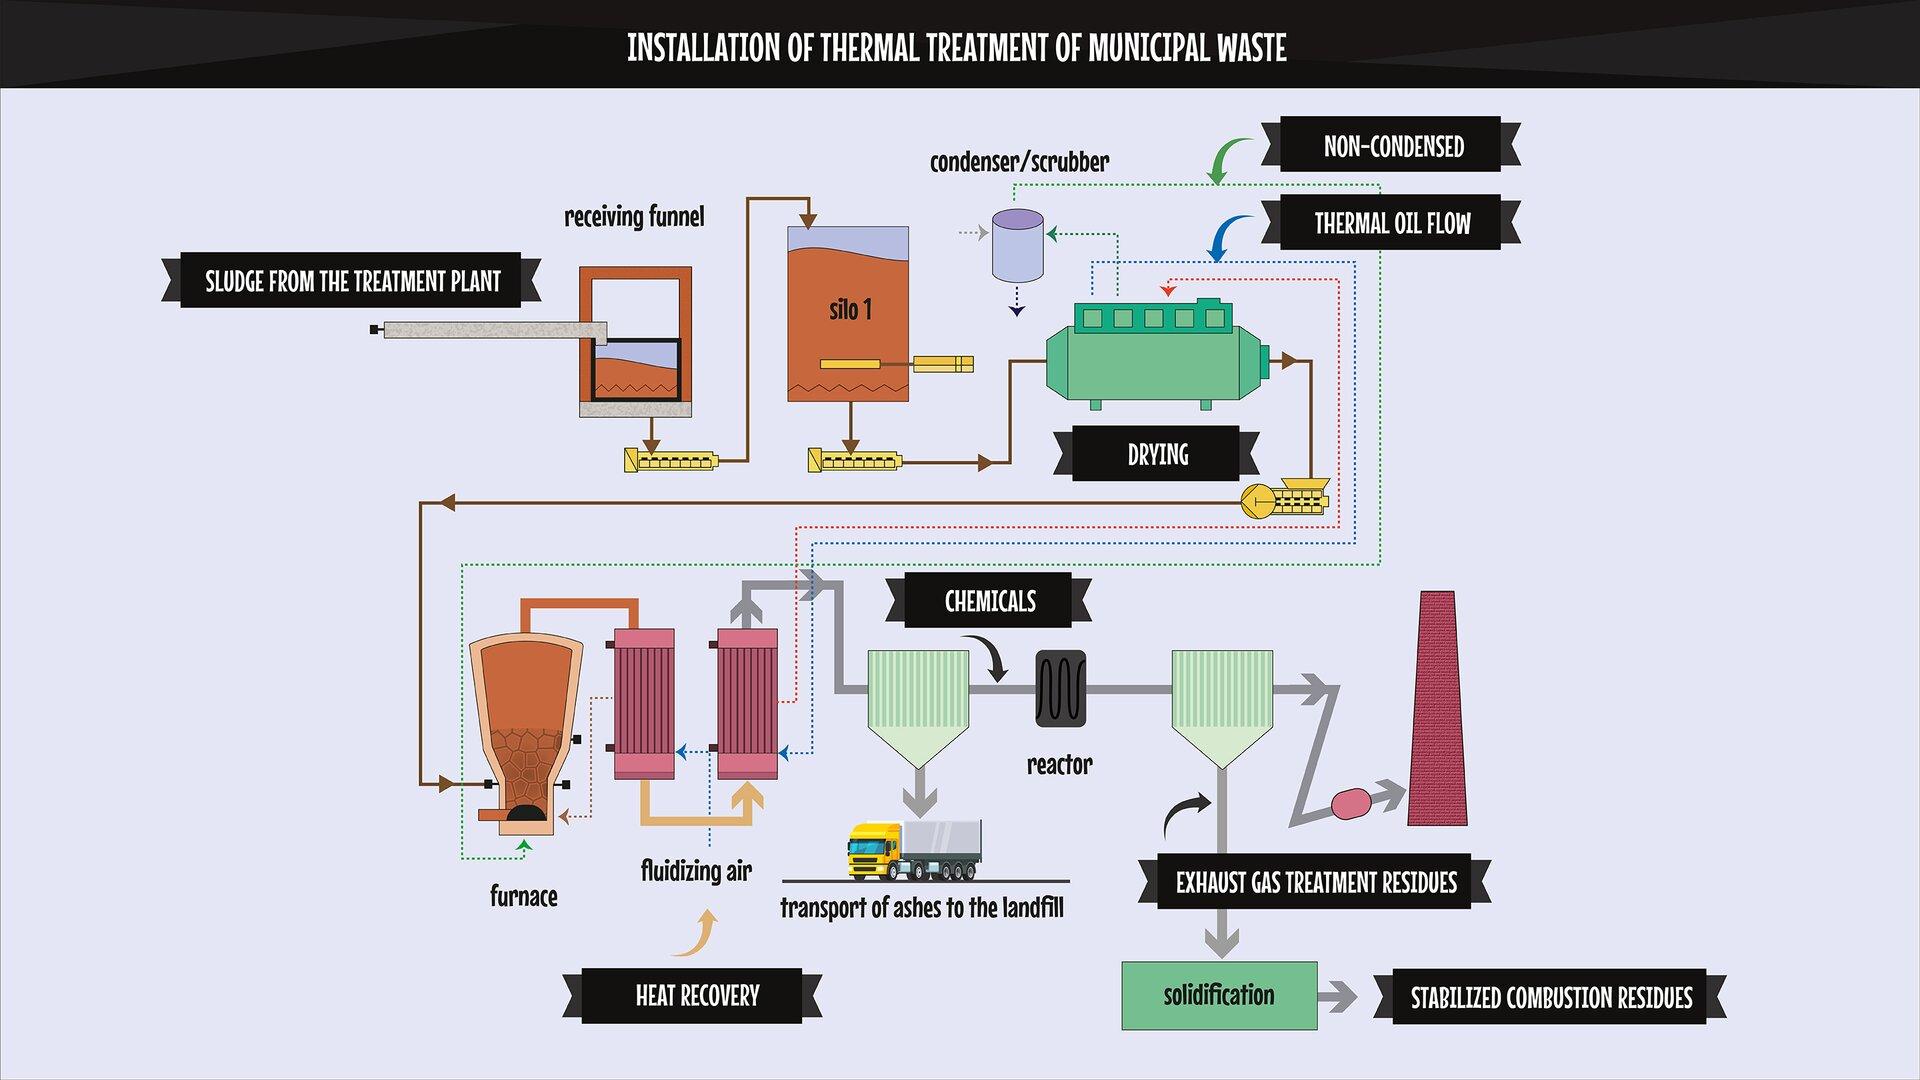 The image presents adiagram of an installation of thermal treatment of municipal waste. Grafika prezentuje schemat instalacji termicznego przekształcania odpadów komunalnych.